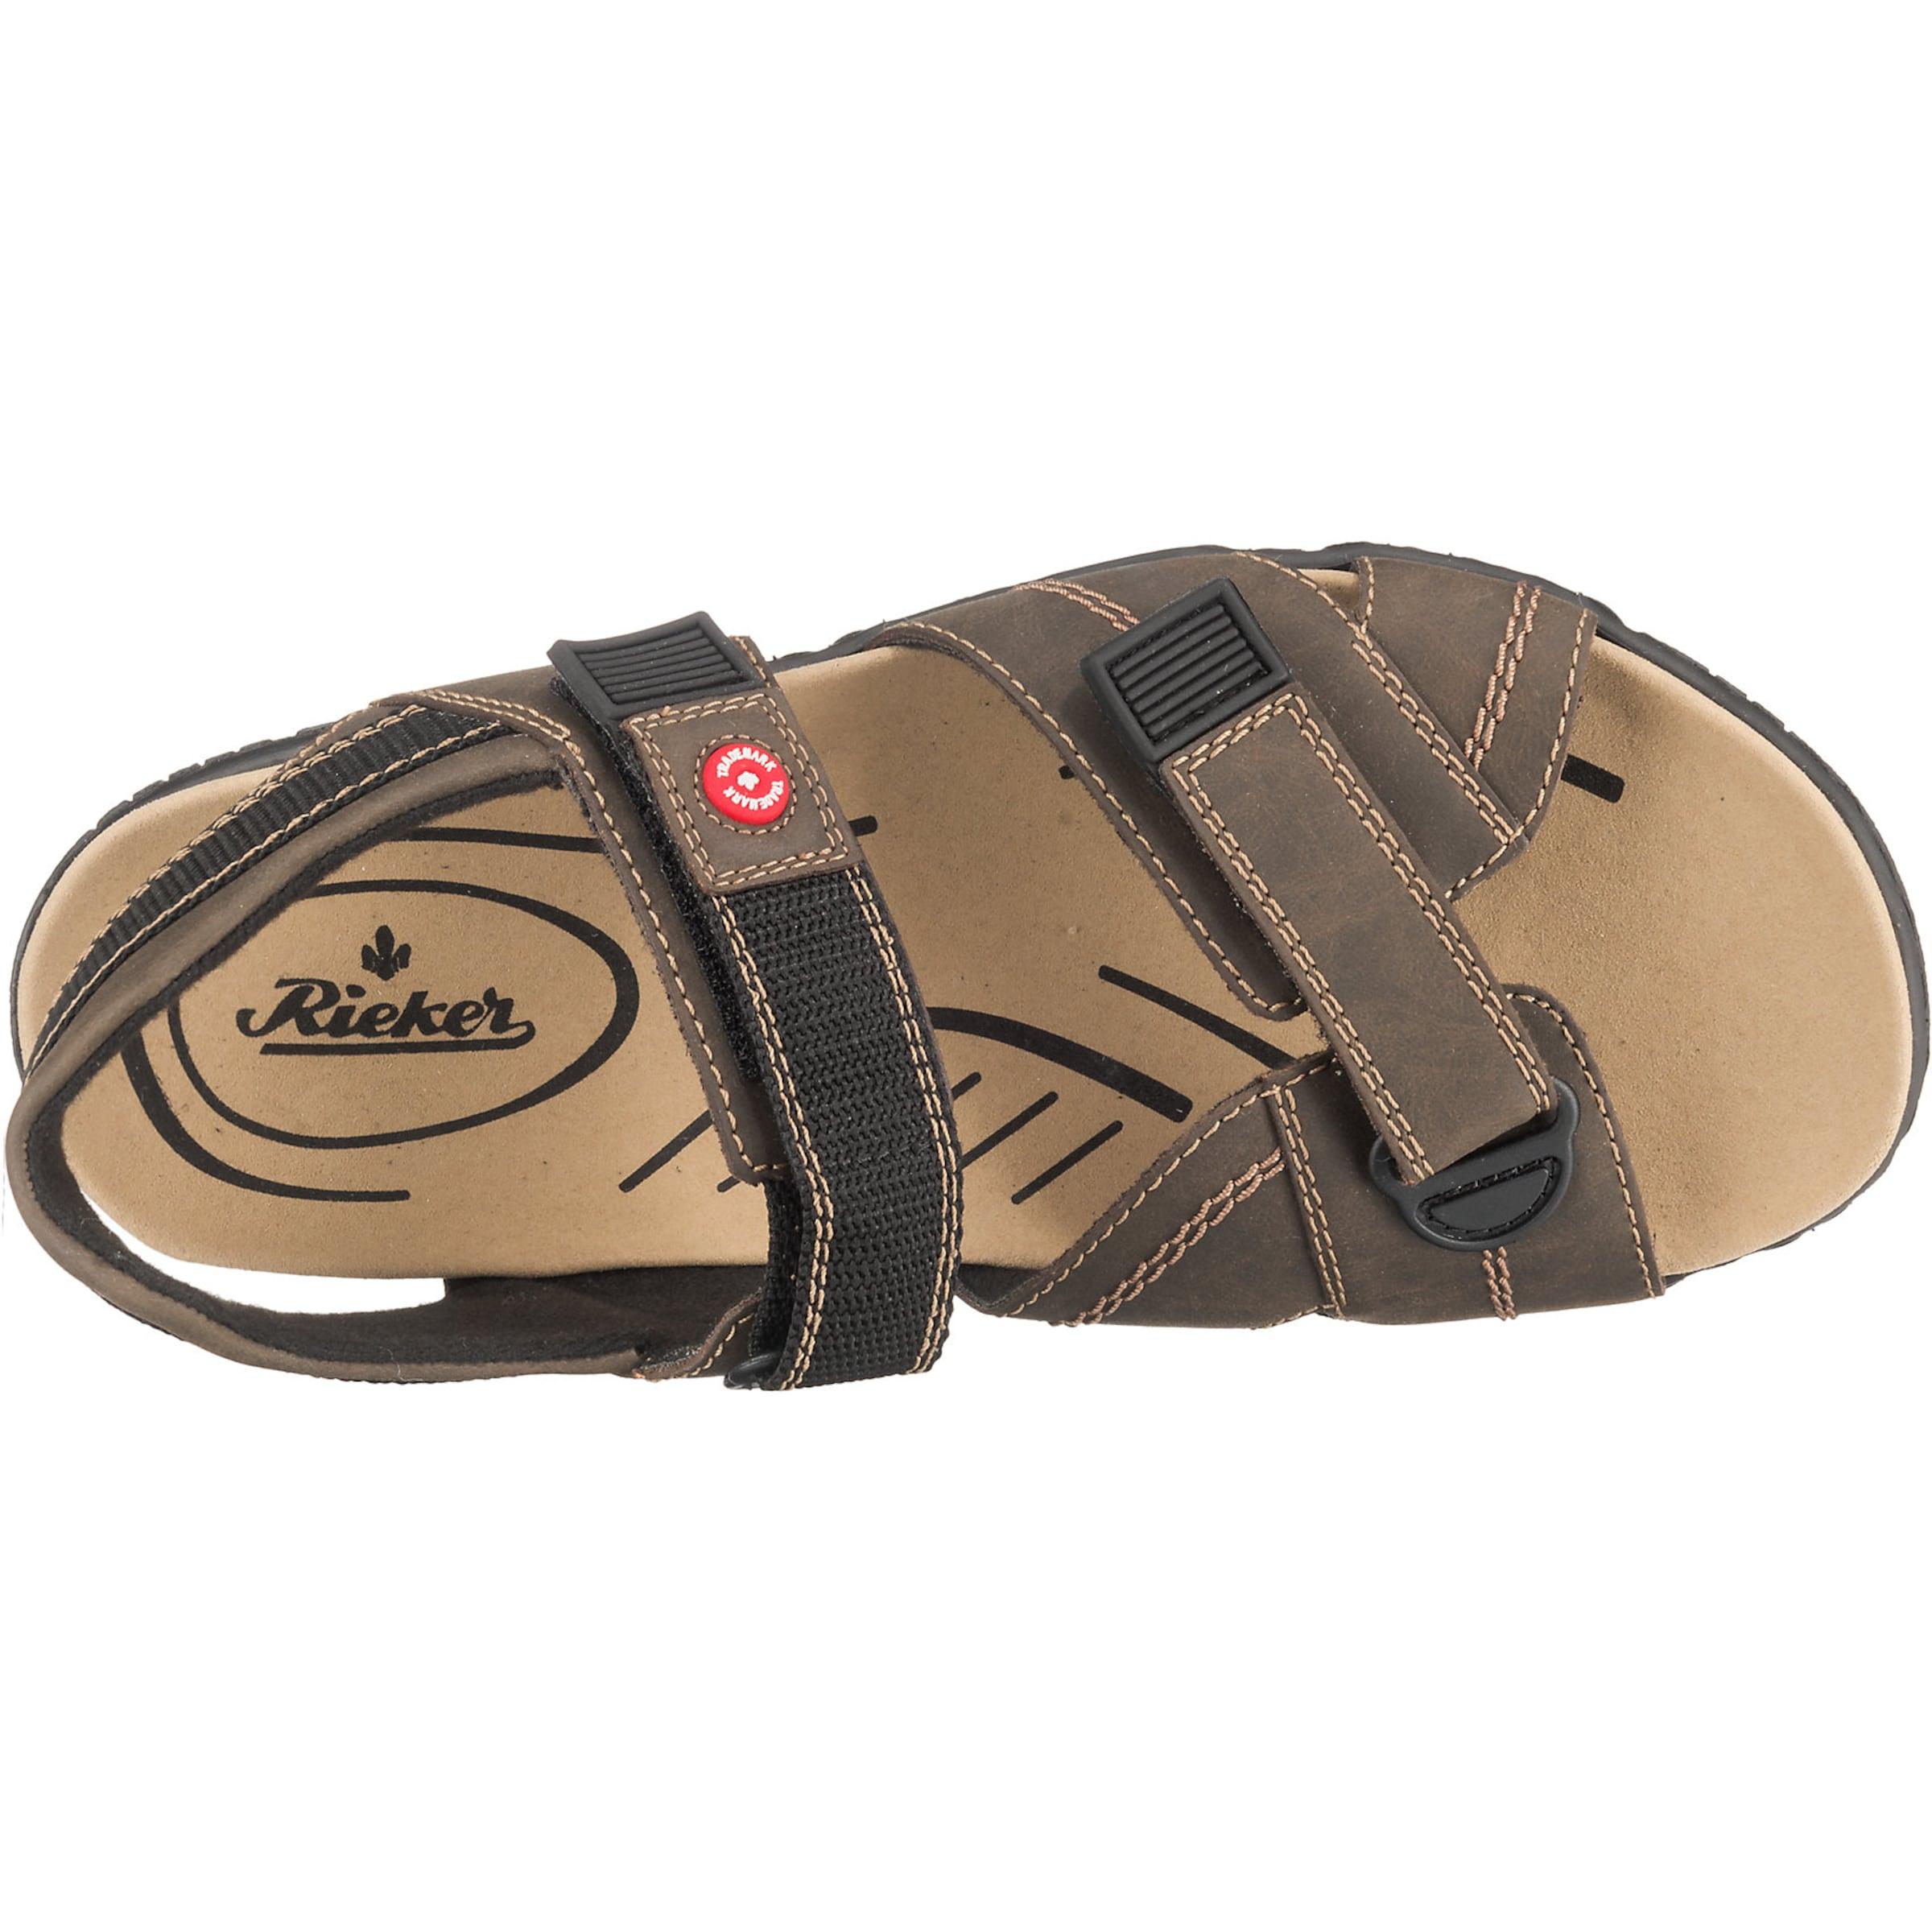 Rieker Rieker In In BraunSchwarz BraunSchwarz In Sandale Sandale Rieker Sandale A5RLj4